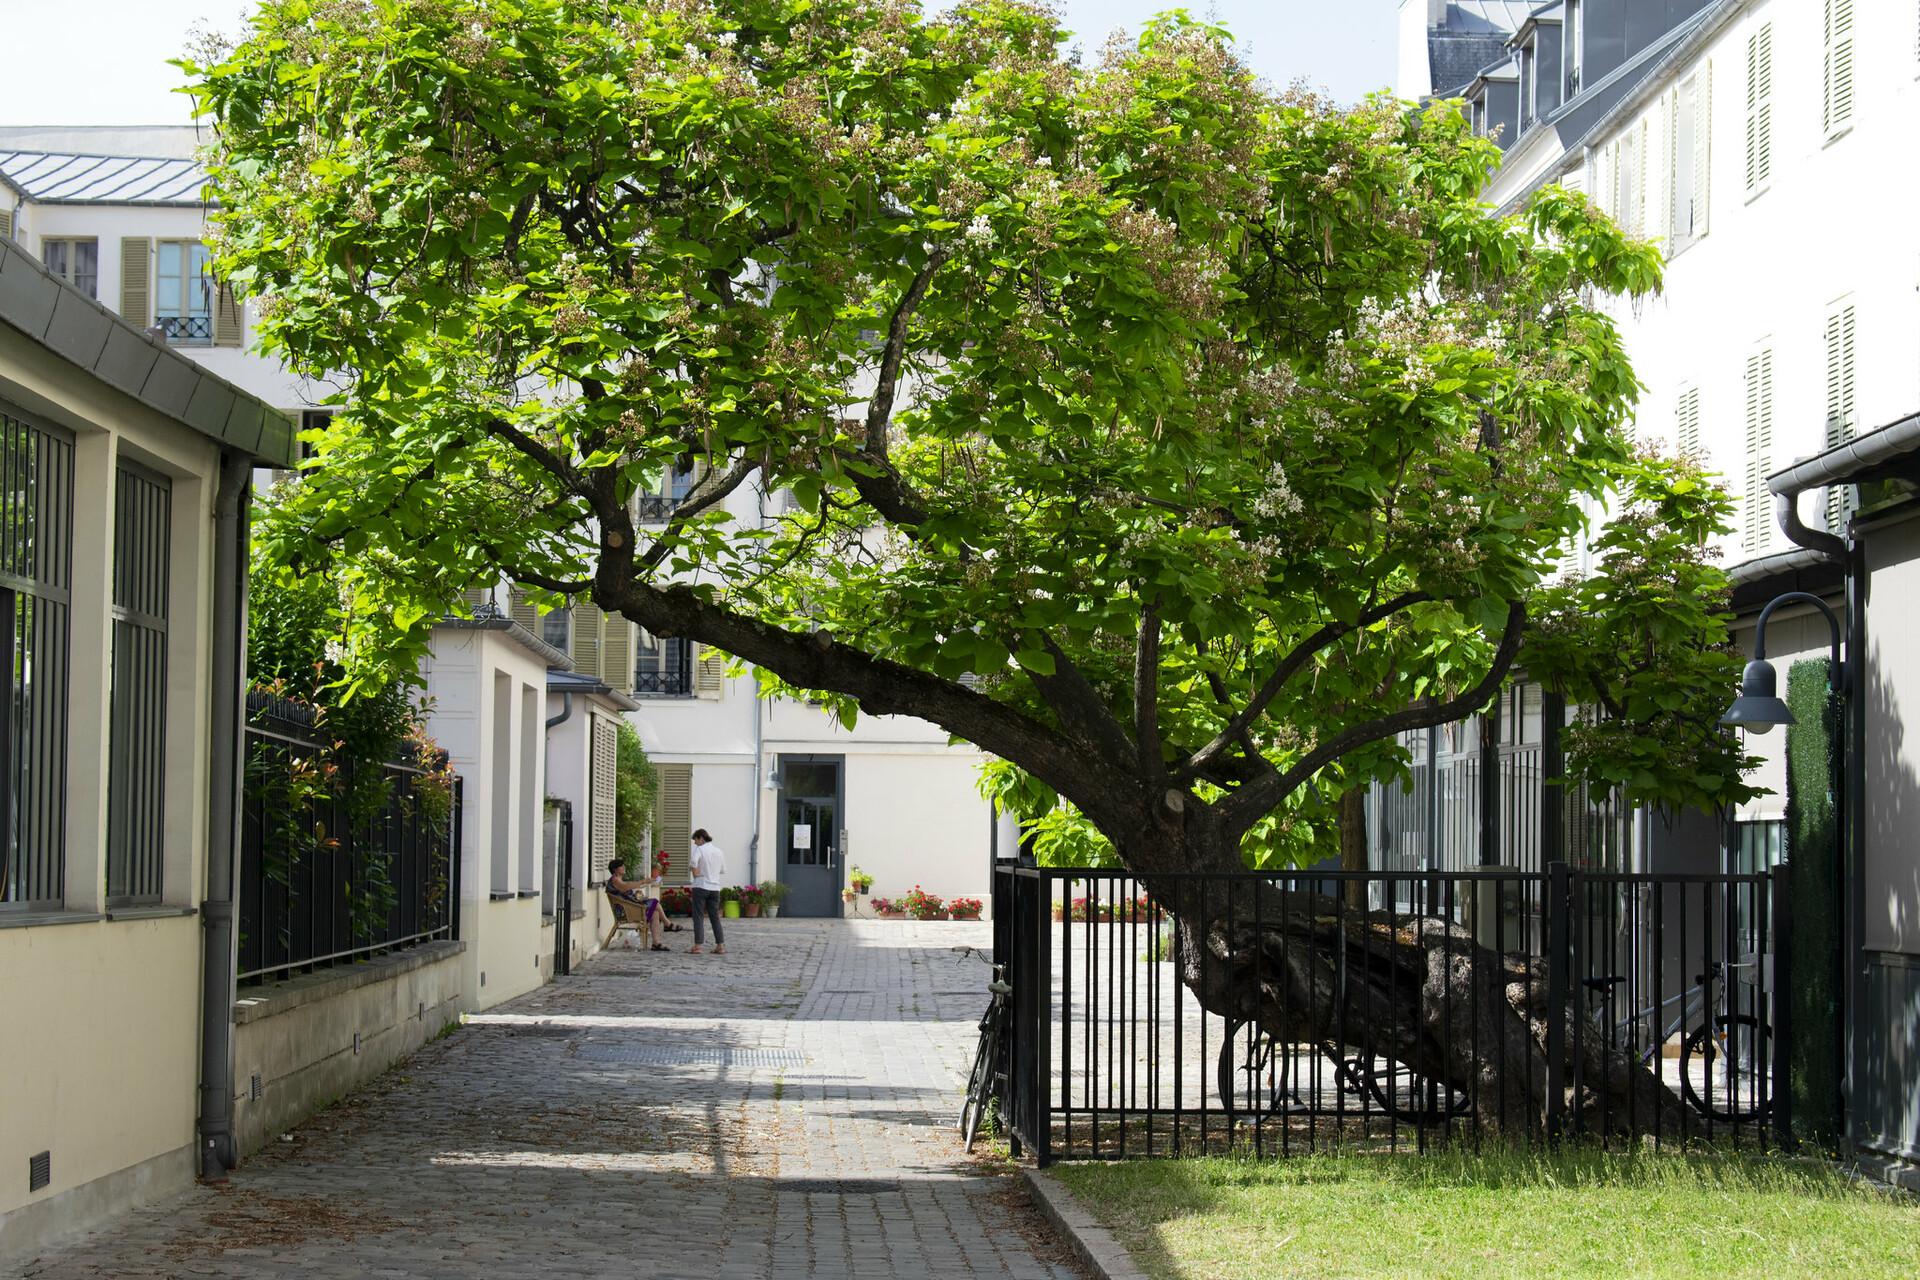 Aesthetic tree